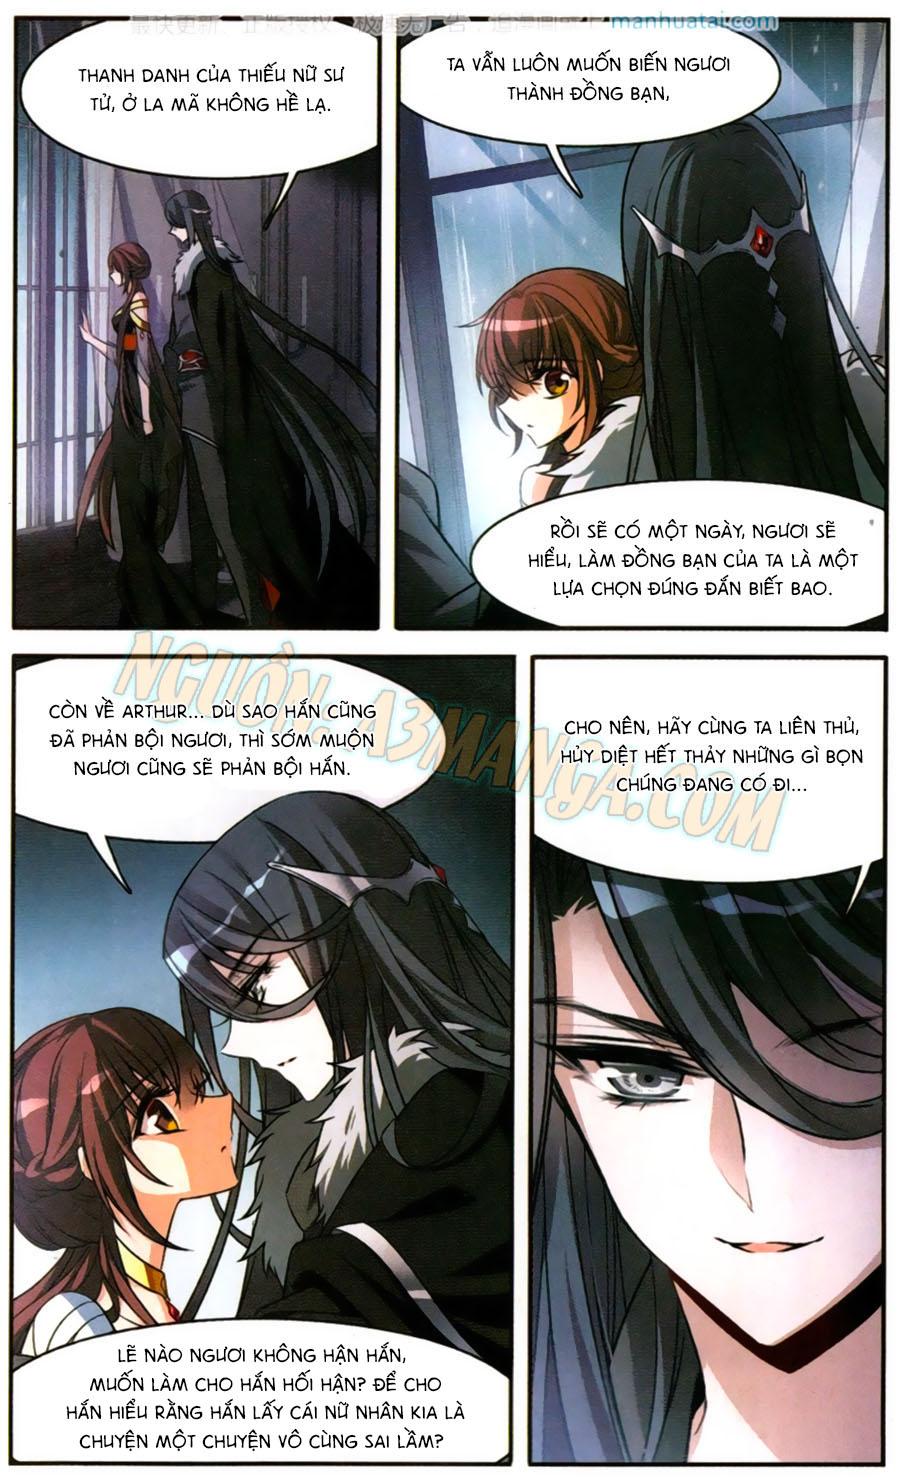 Kỵ Sĩ Hoang Tưởng Dạ chap 150 page 20 - IZTruyenTranh.com